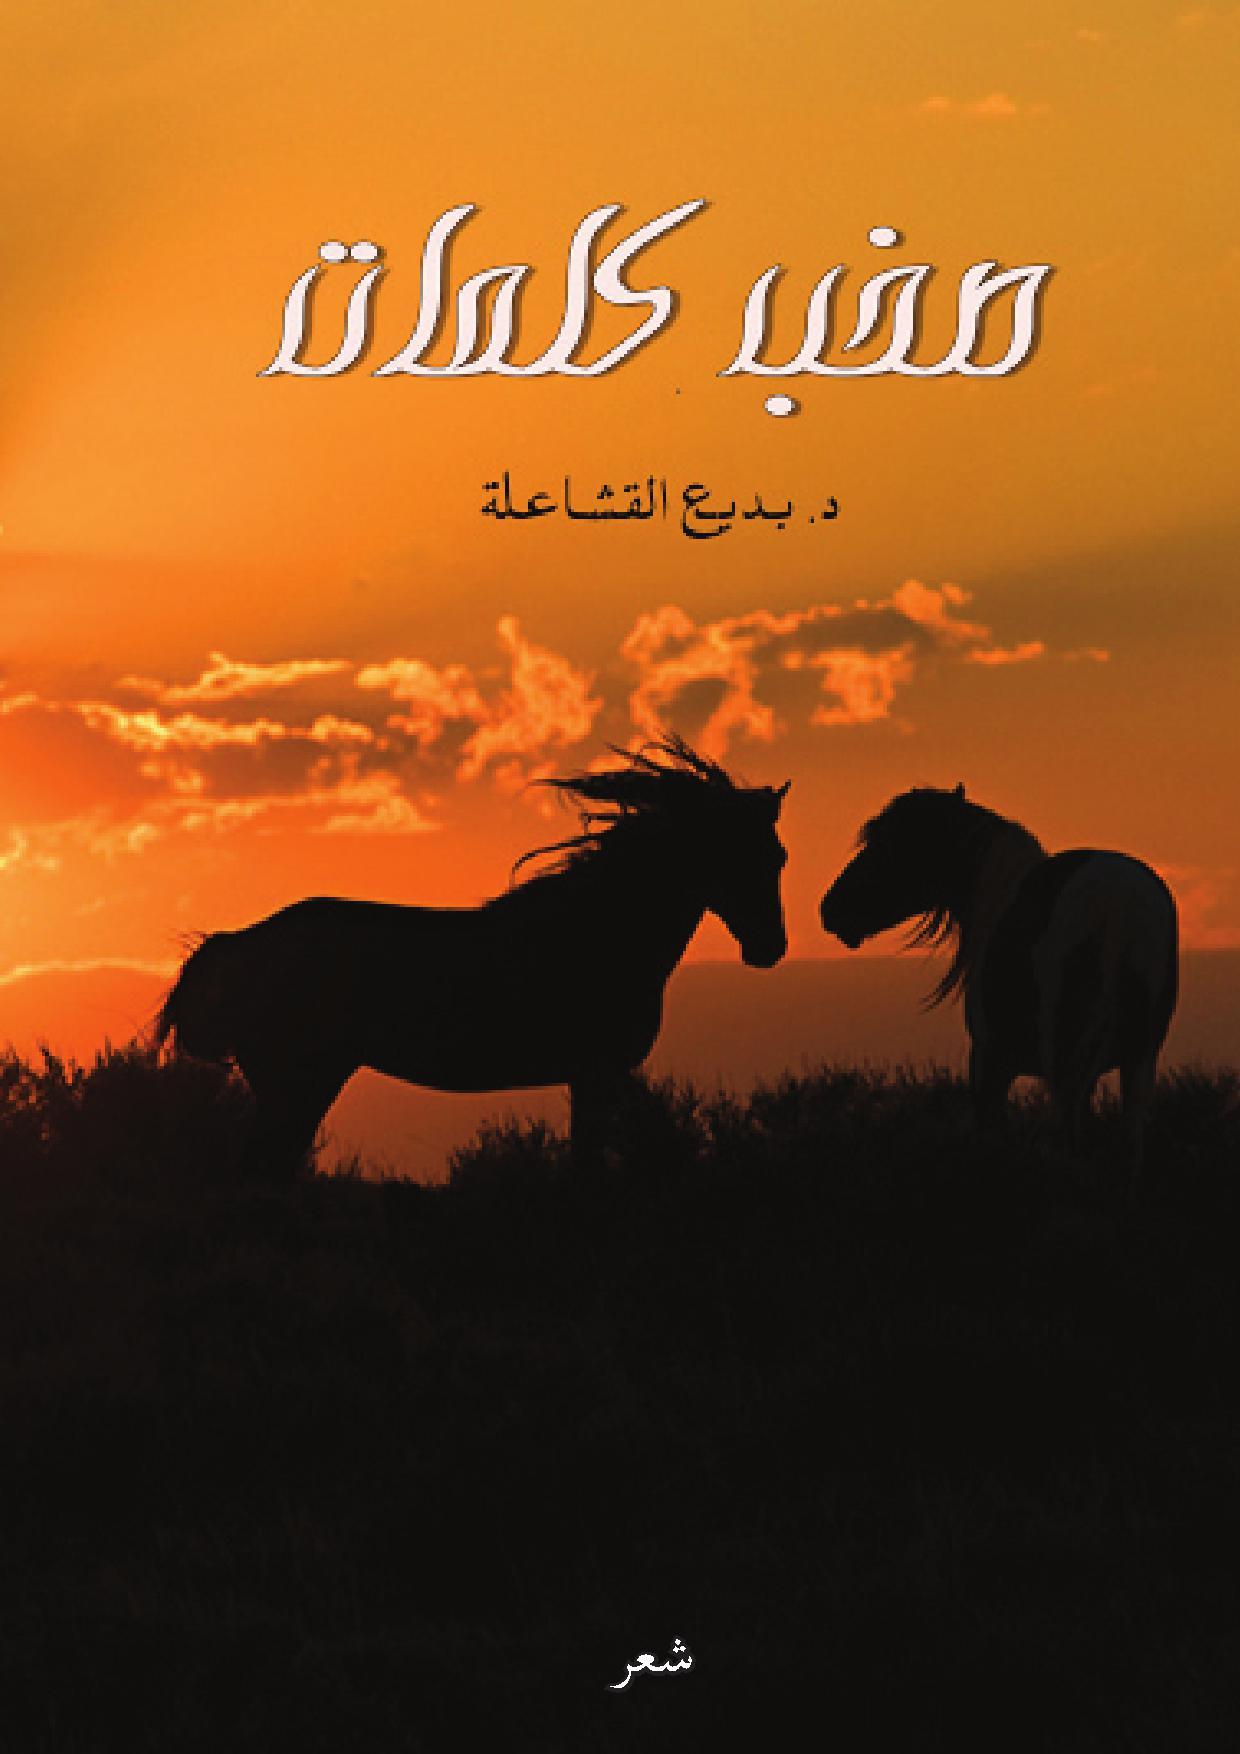 تحميل كتاب صخب كلمات ل د. بديع عبد العزيز القشاعلة مجانا pdf | مكتبة تحميل كتب pdf